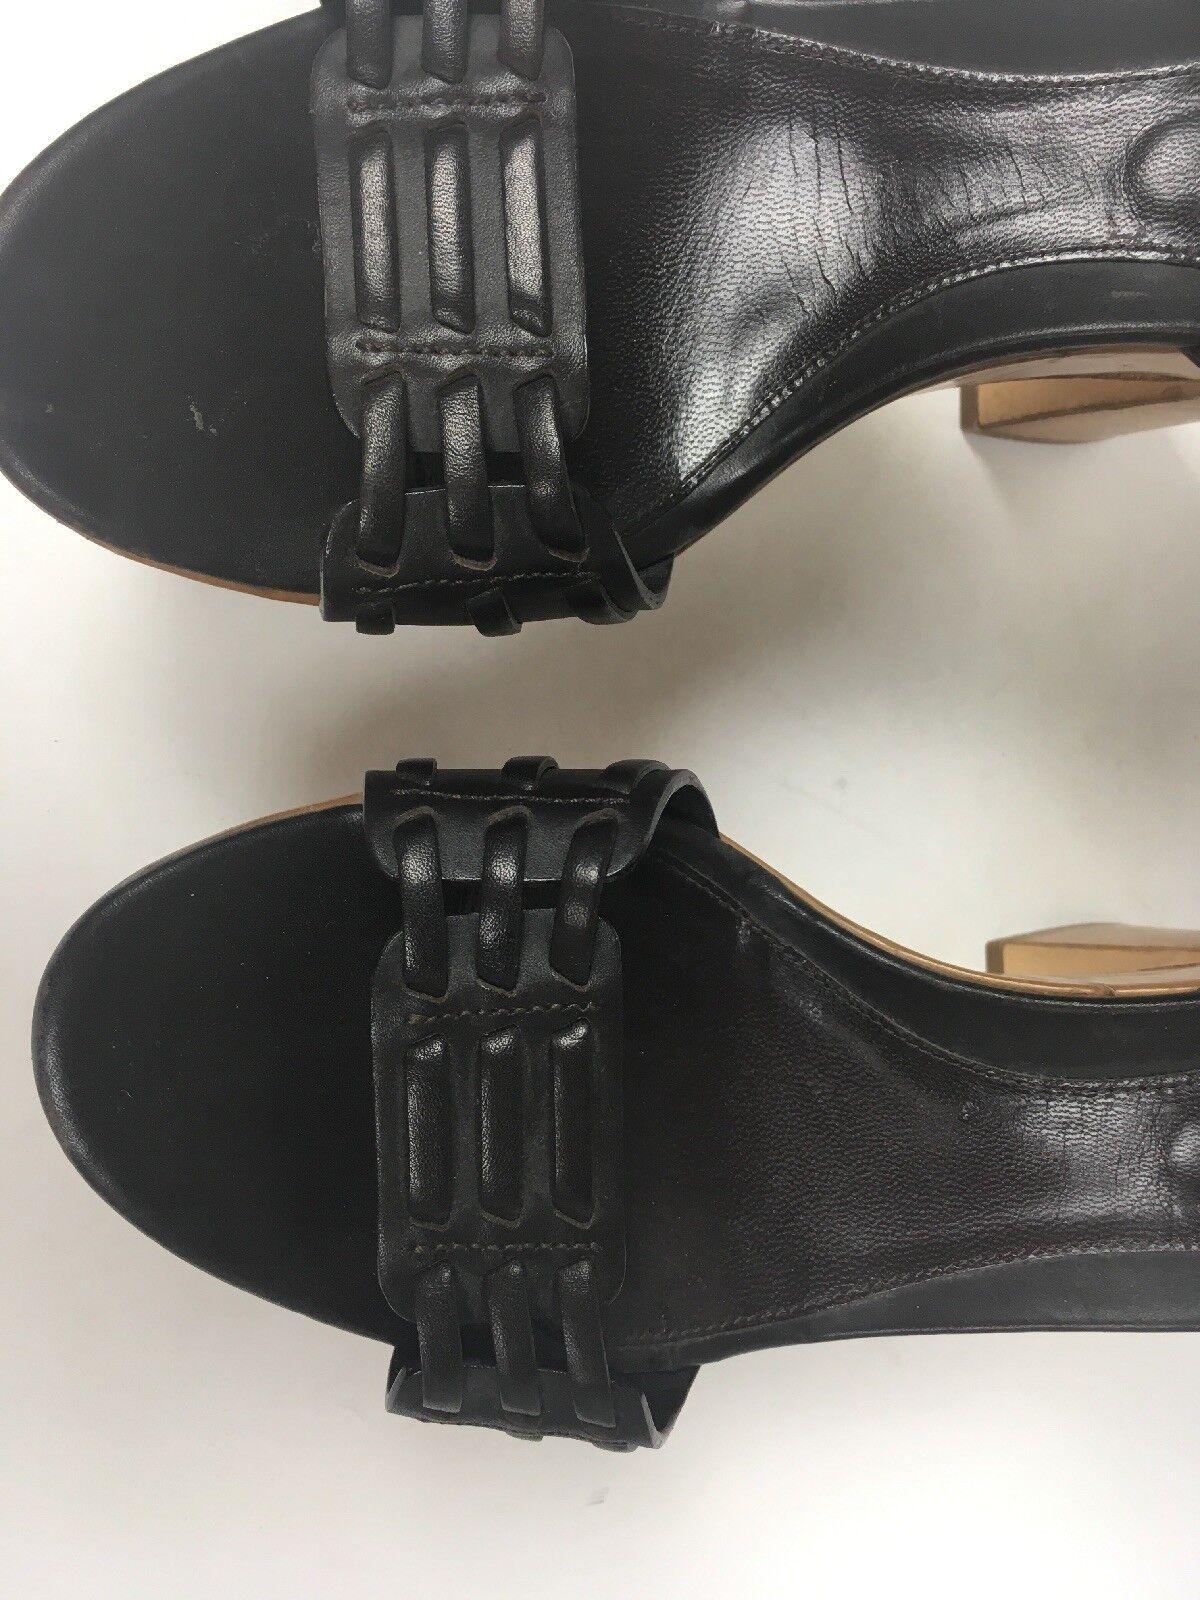 Sergio Rossi Größe Damenschuhe Dark Braun Platform Clogs Heels Schuhes Größe Rossi EU 39 Sb4 1d0cb3